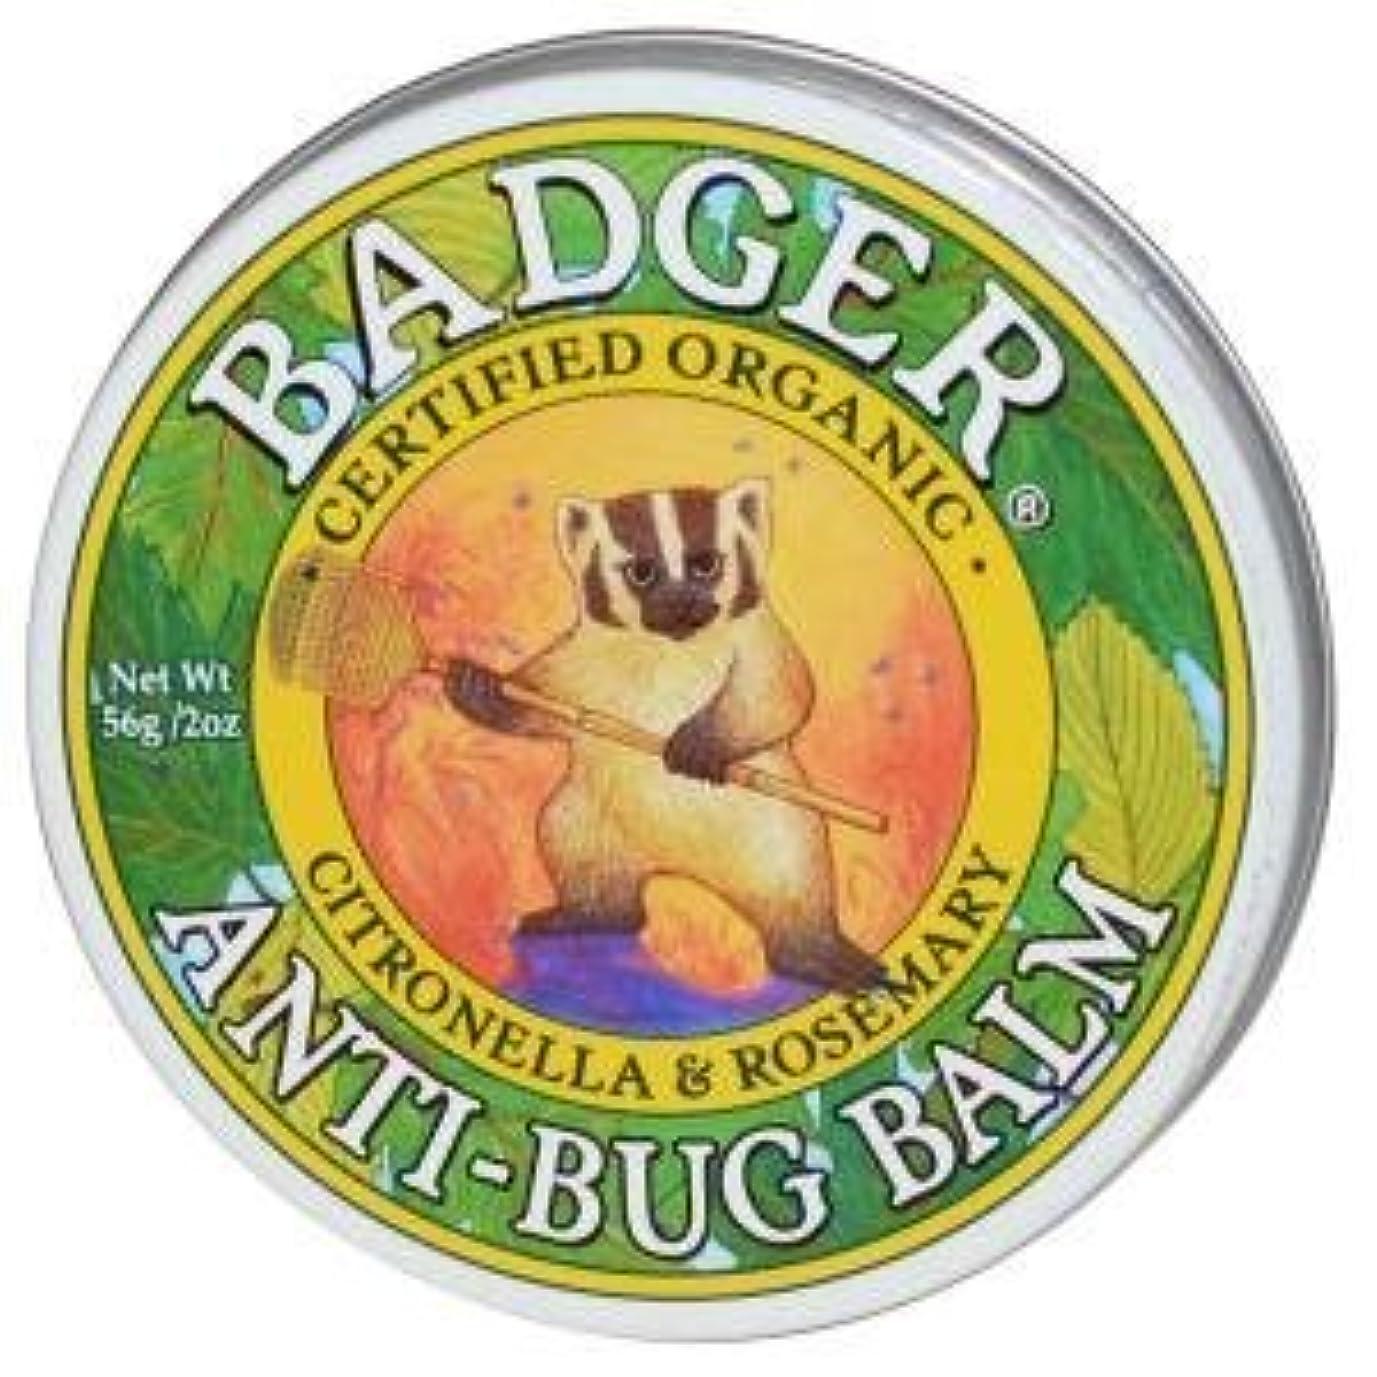 別にミュージカルマイクロプロセッサ[並行輸入品] バジャー(Badger) プロテクトバーム(虫よけバーム) 56g